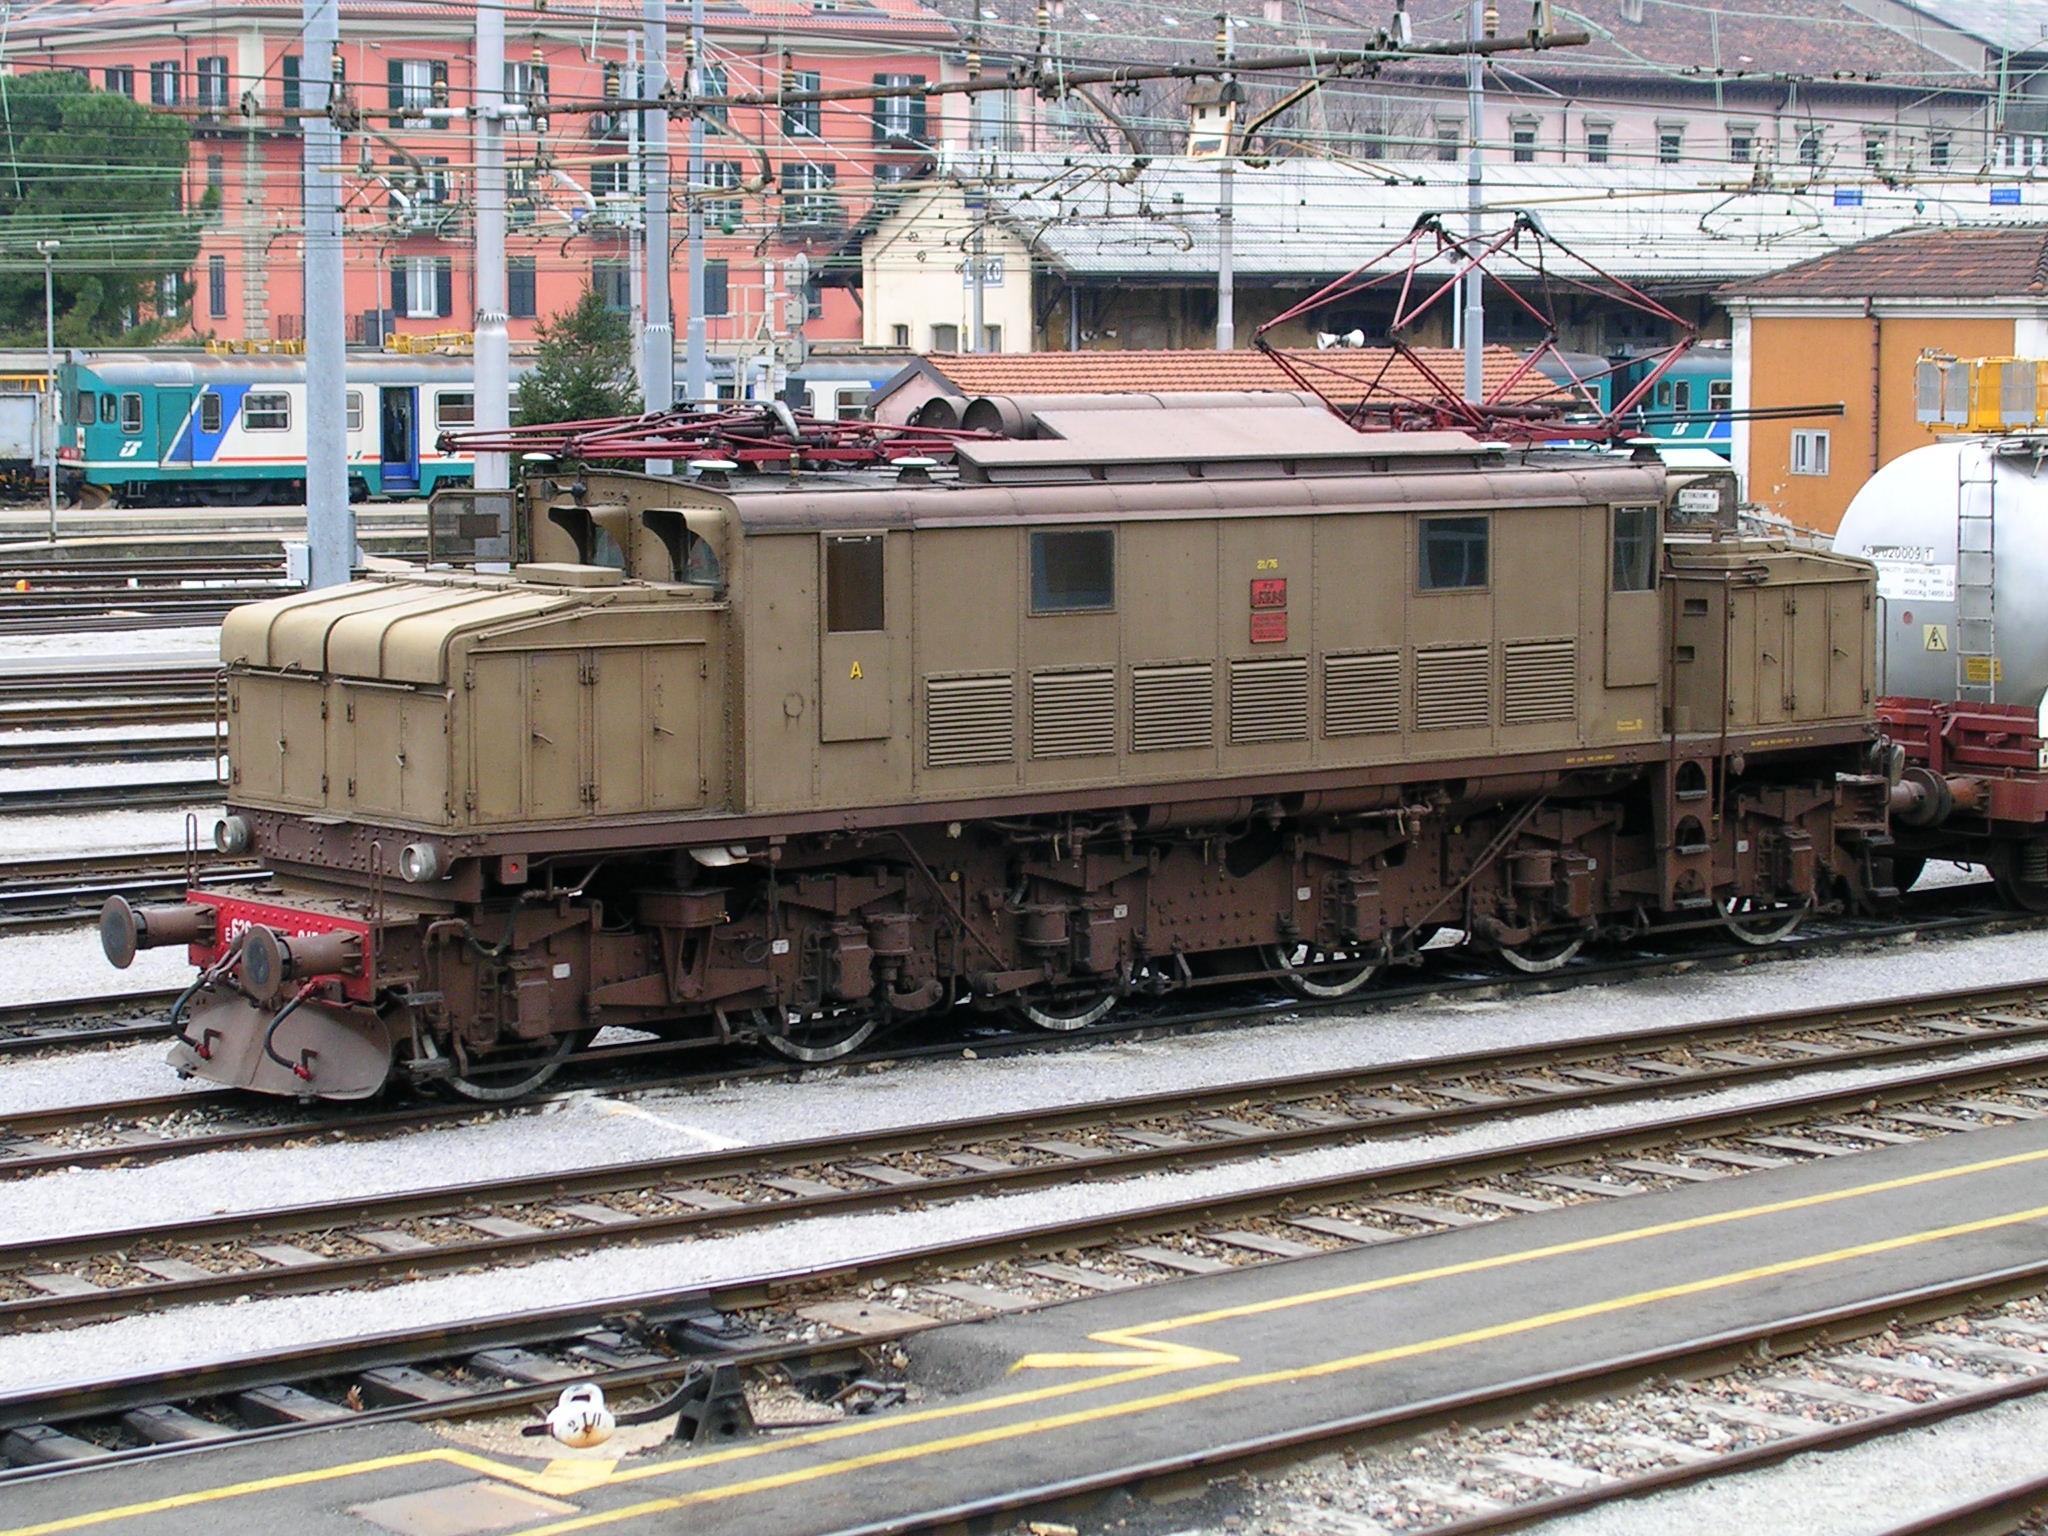 Schema Elettrico Regolatore Di Tensione Velocità Motore Elettrico Corrente Continua : Locomotiva elettrica wikipedia